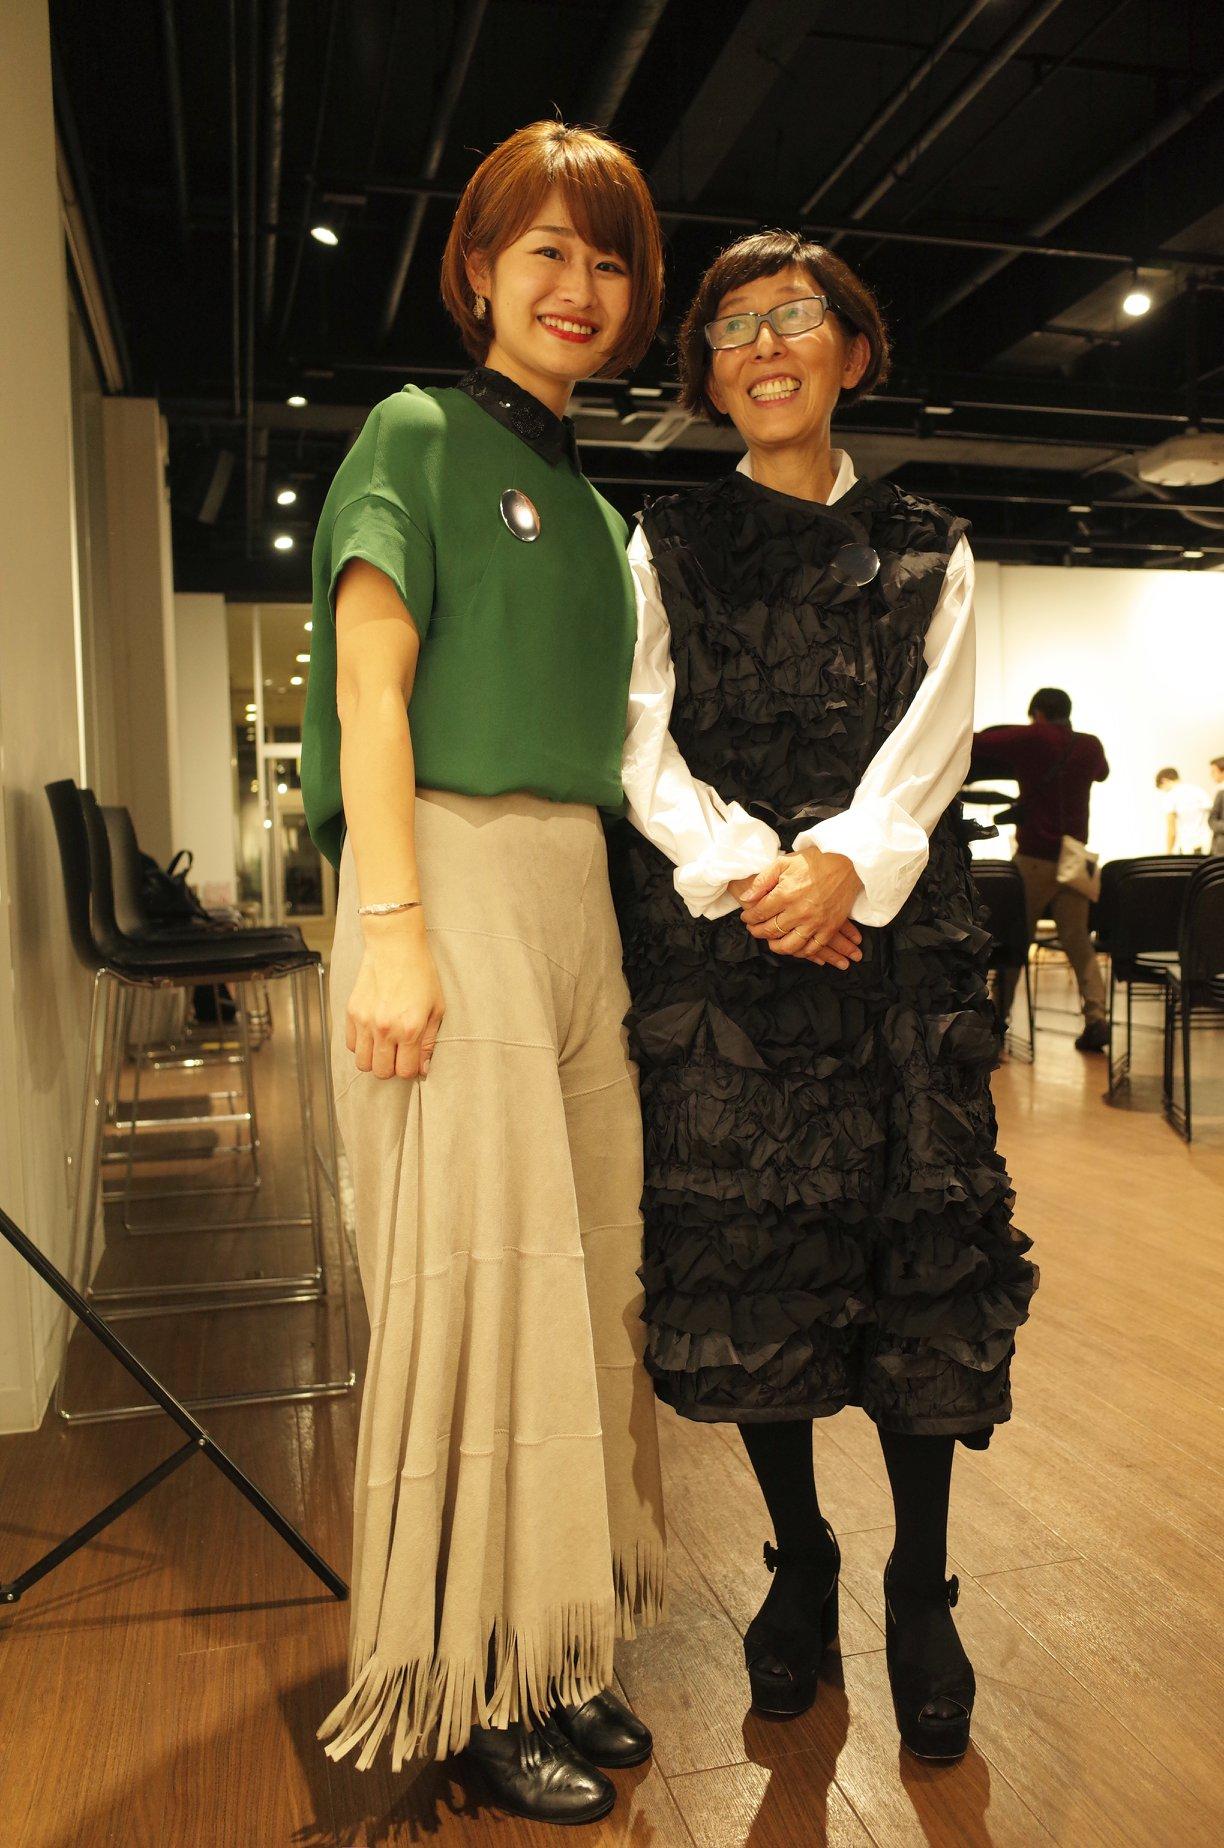 Trousers of Junya Watanabe by Kazuyo Sejima